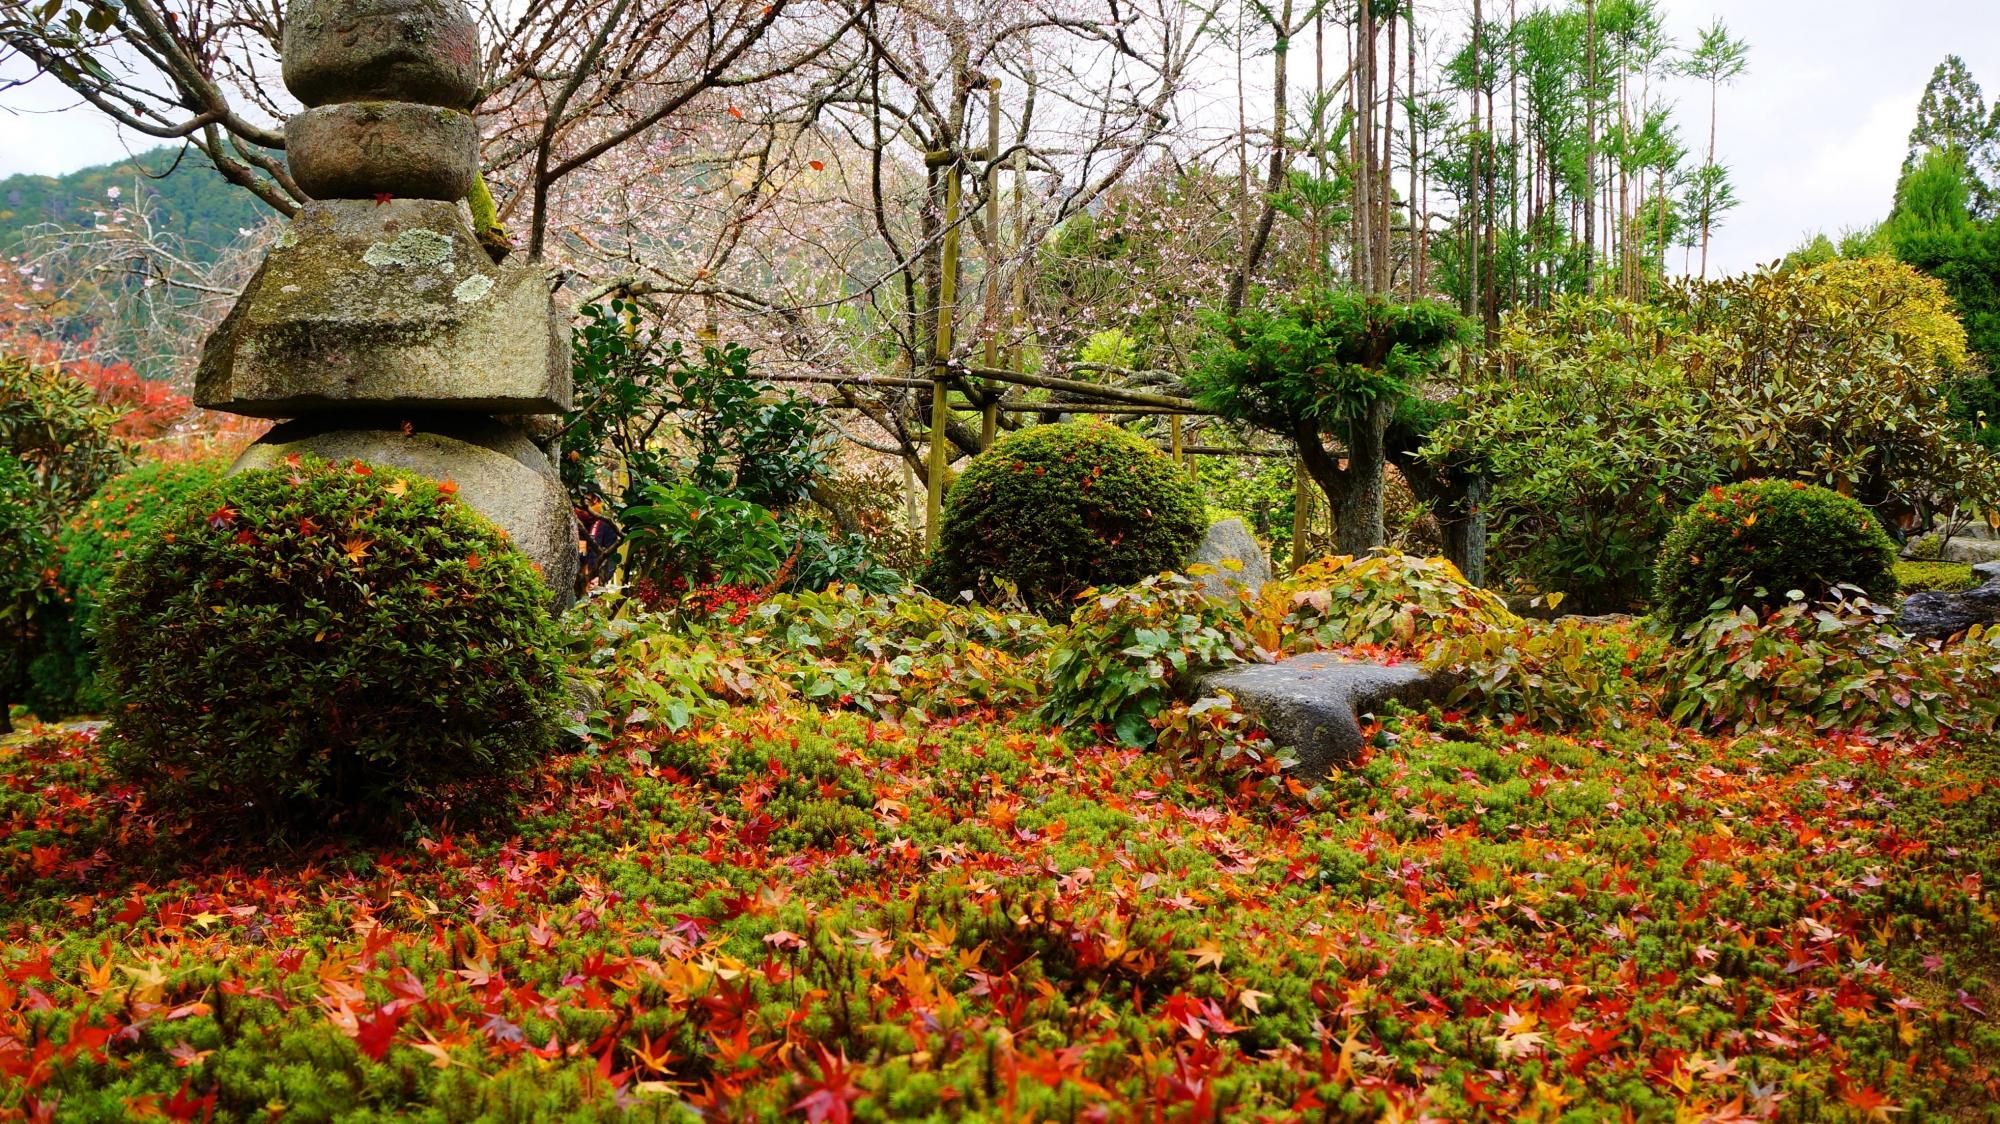 秋色に染まった緑の苔や刈り込み